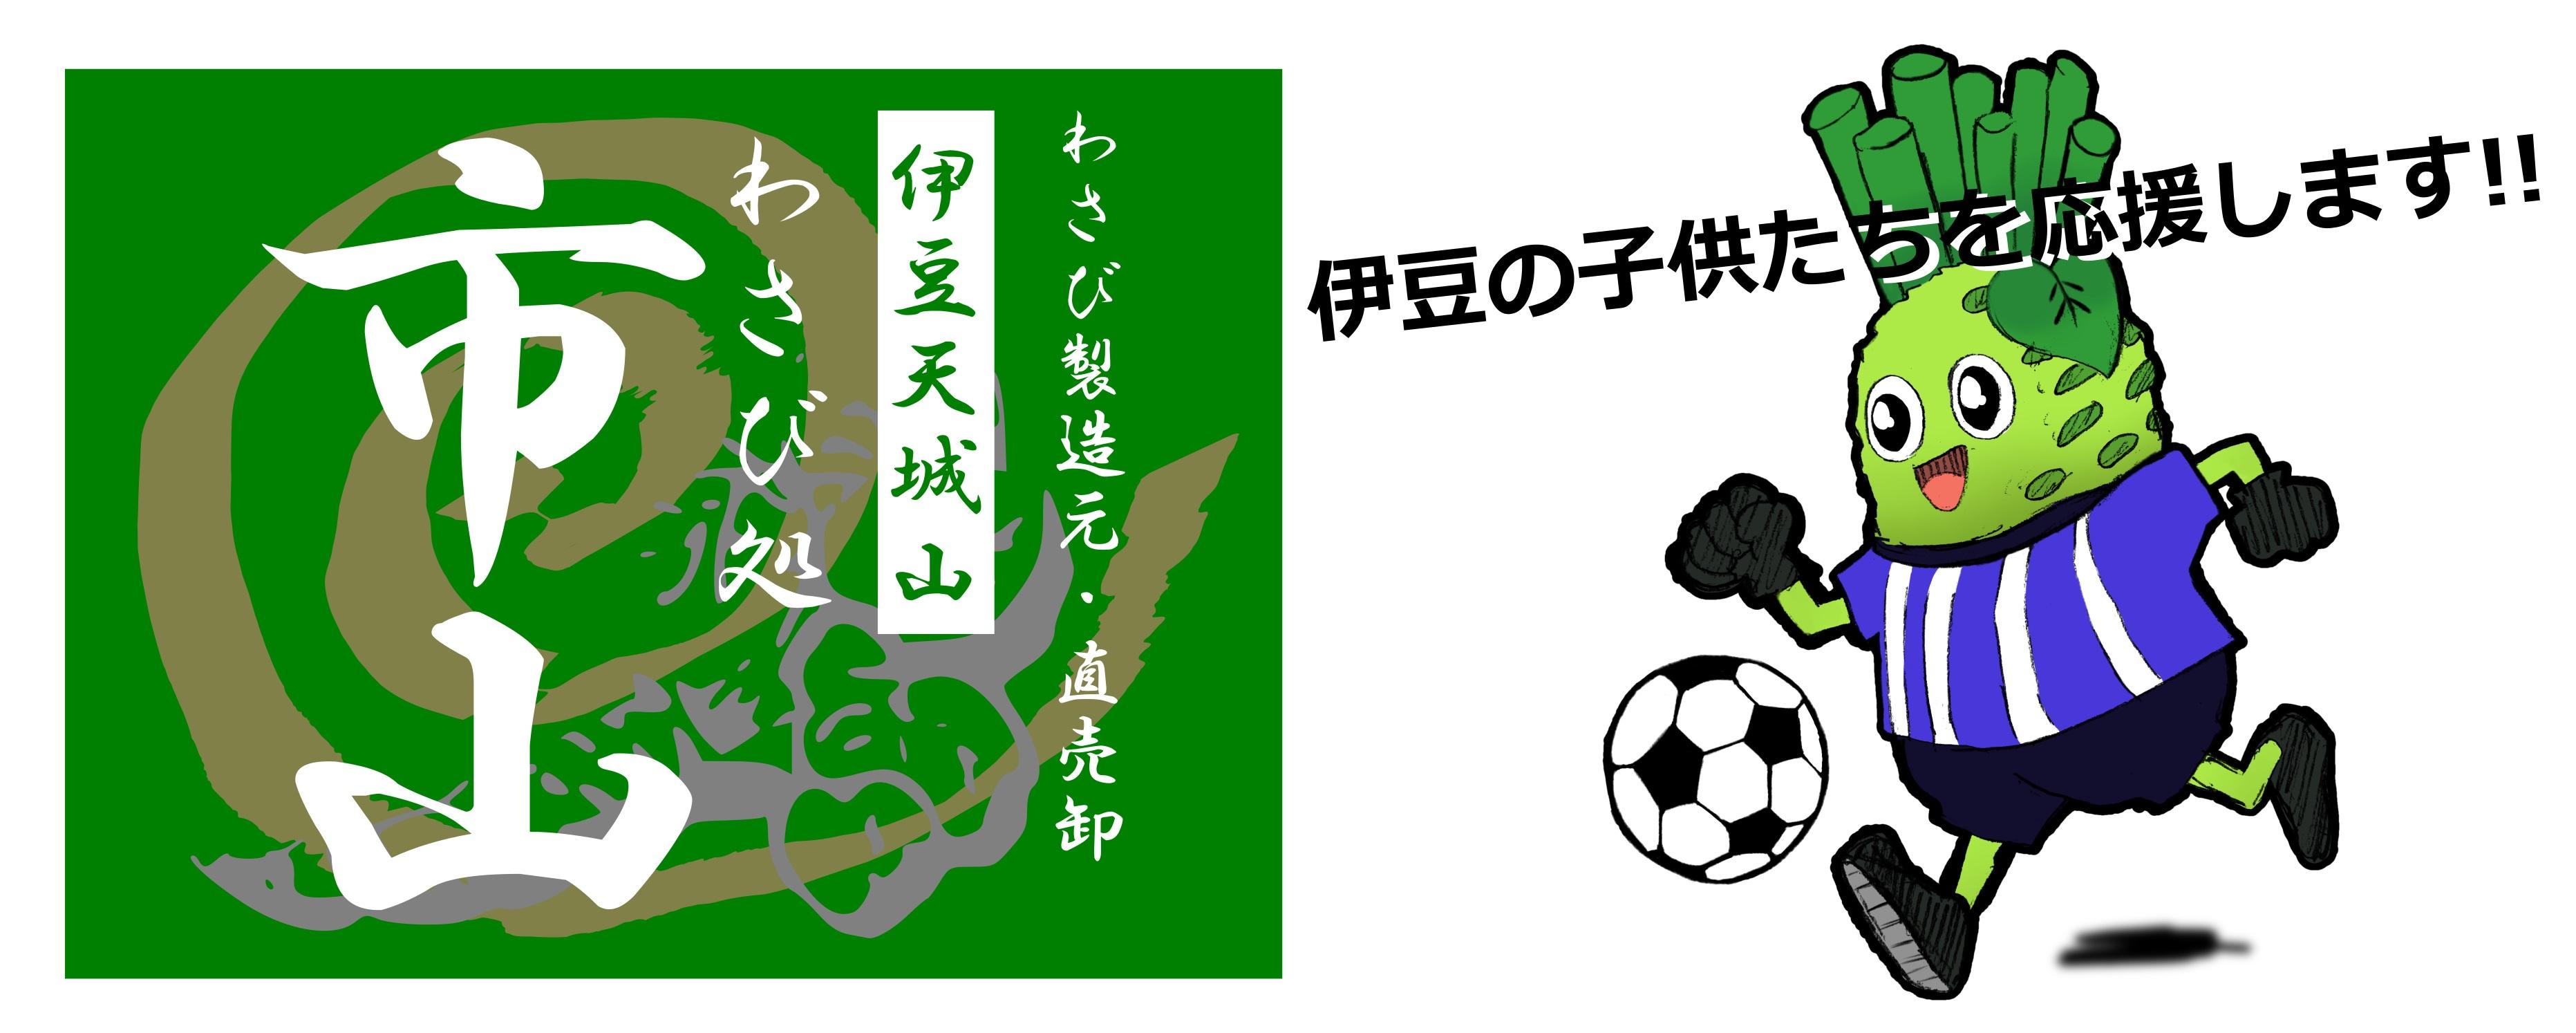 itiyama